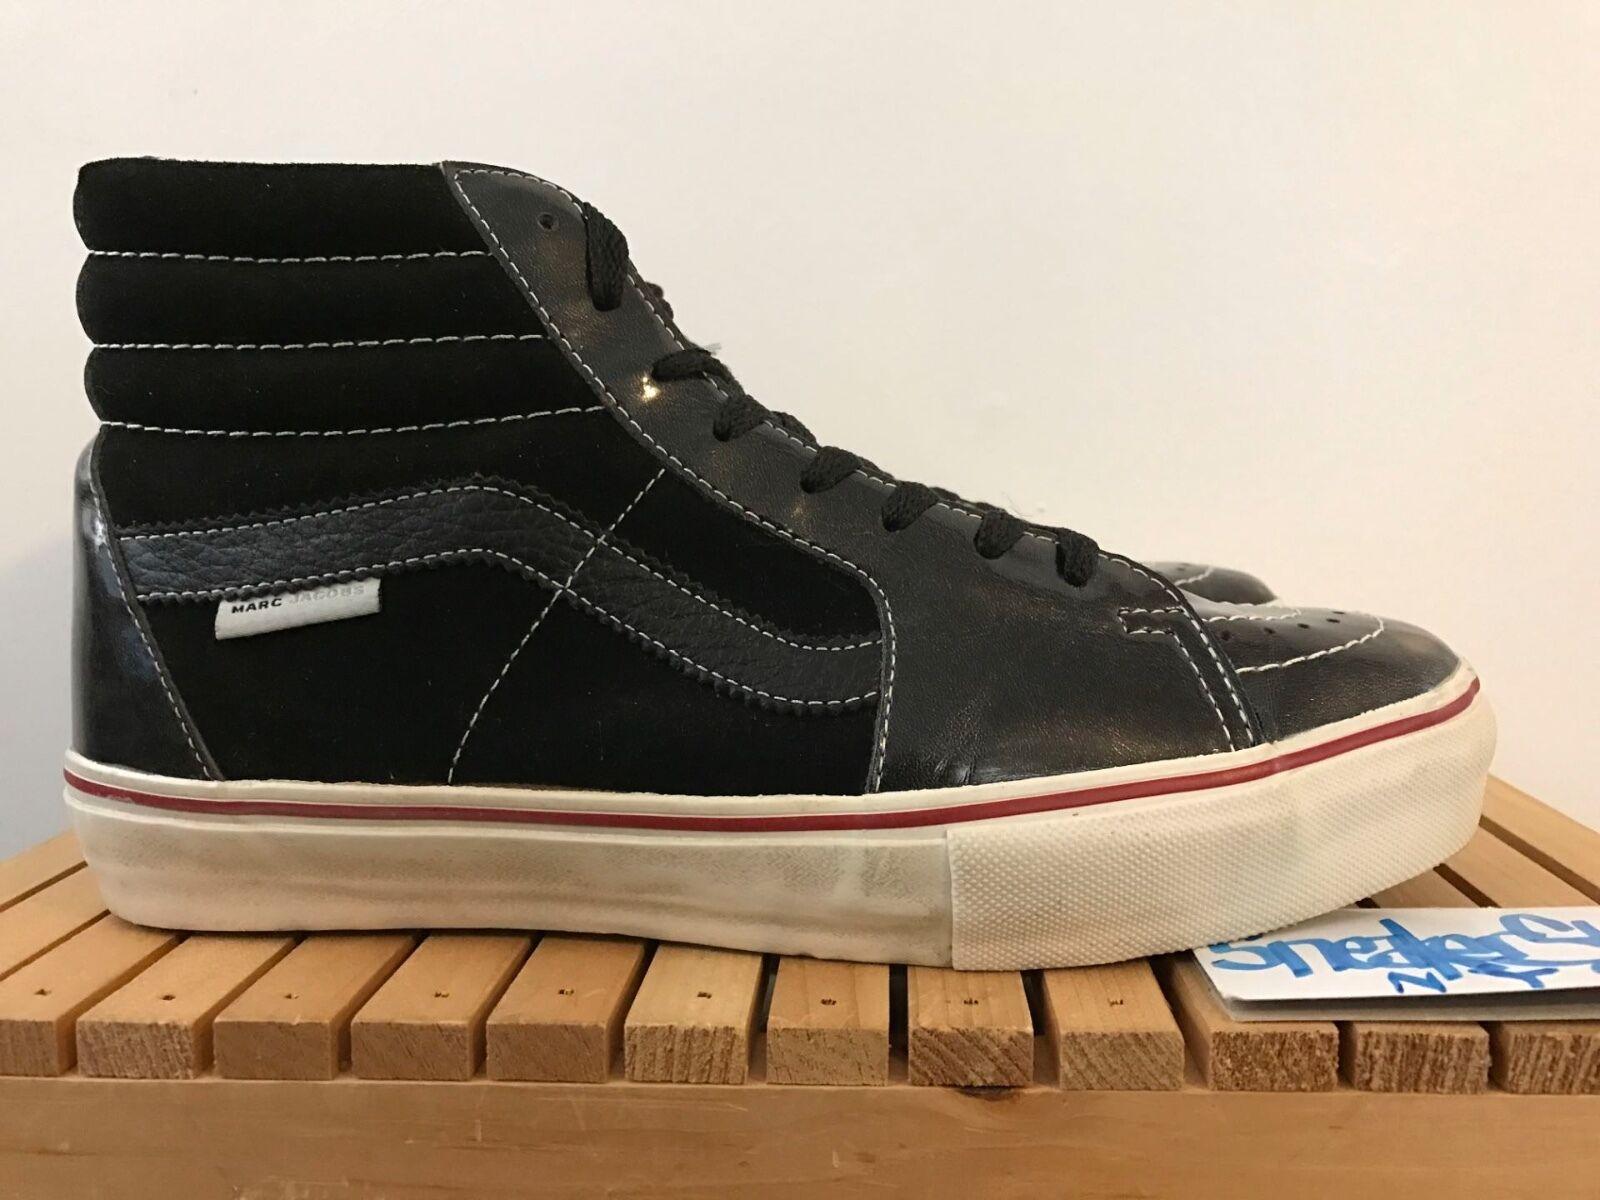 2018 Vintage Vans Vault Marc Jacobs Sk8-HI Negro LX X Charol Negro Sk8-HI Tamaño 9 e08fa6